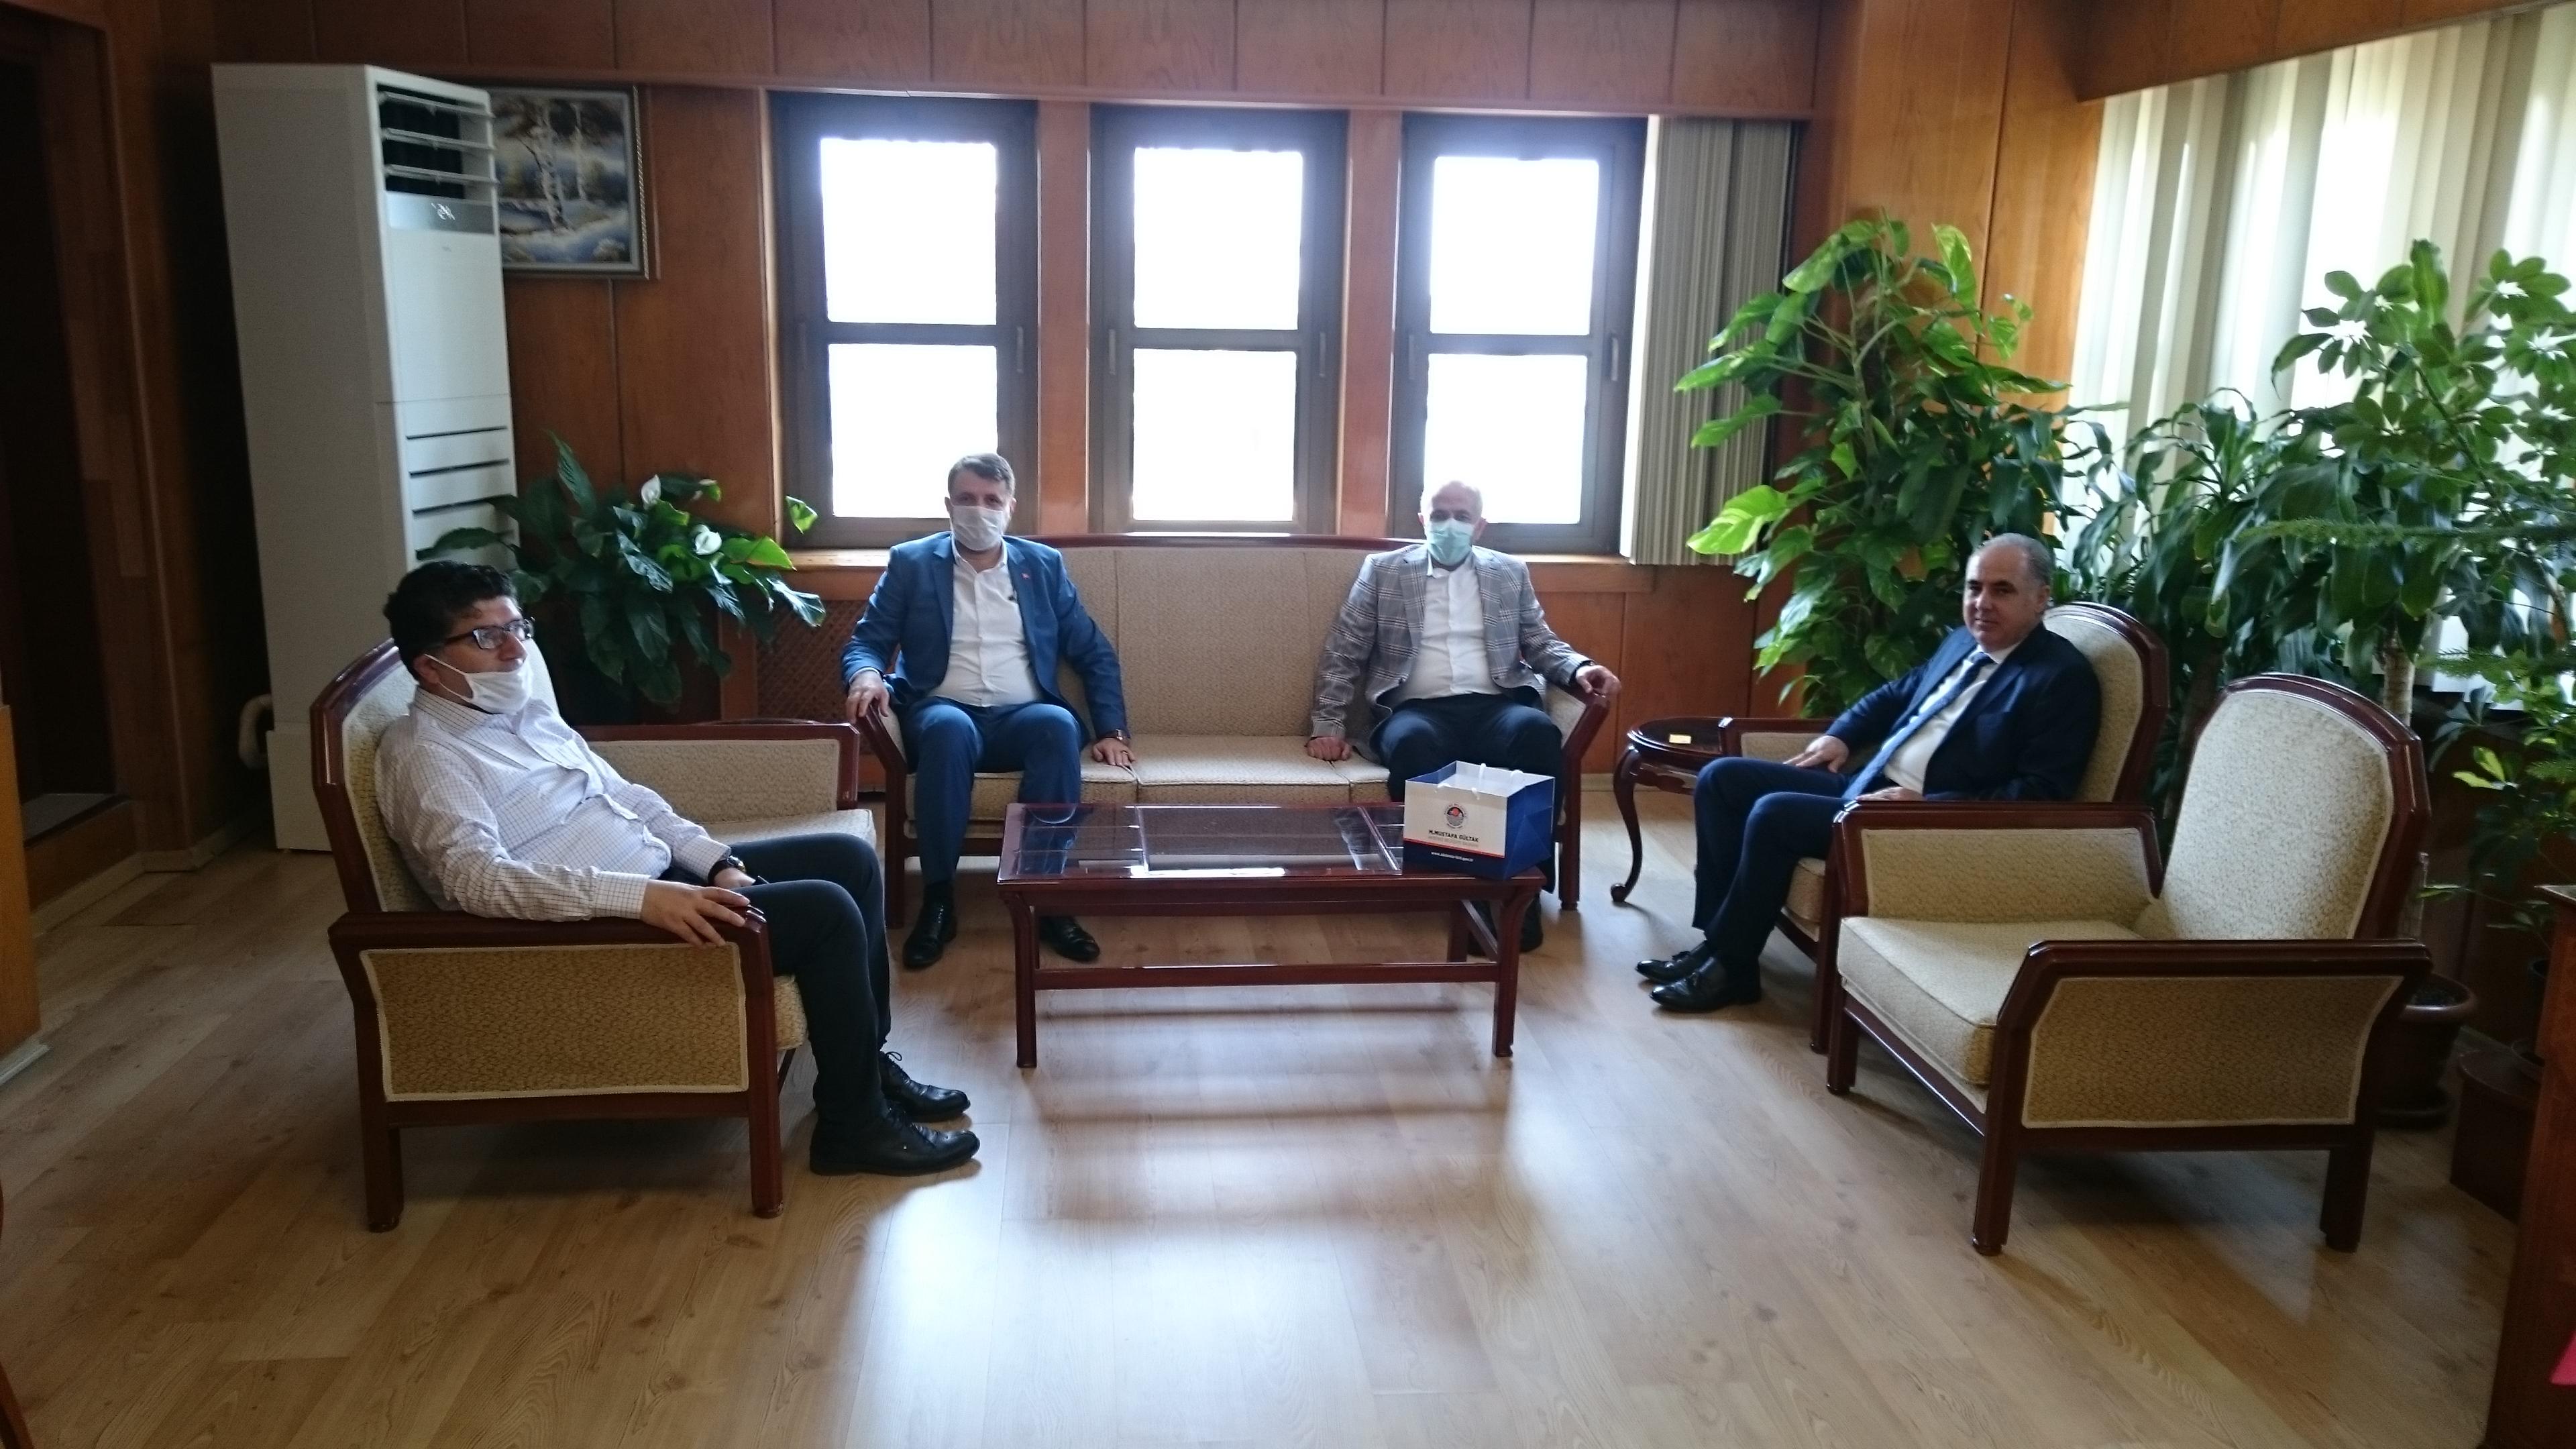 Akdeniz Belediye Başkanı Sayın Mustafa Muhammet GÜLTAK İl Müdürlüğümüzü ziyaret etti.